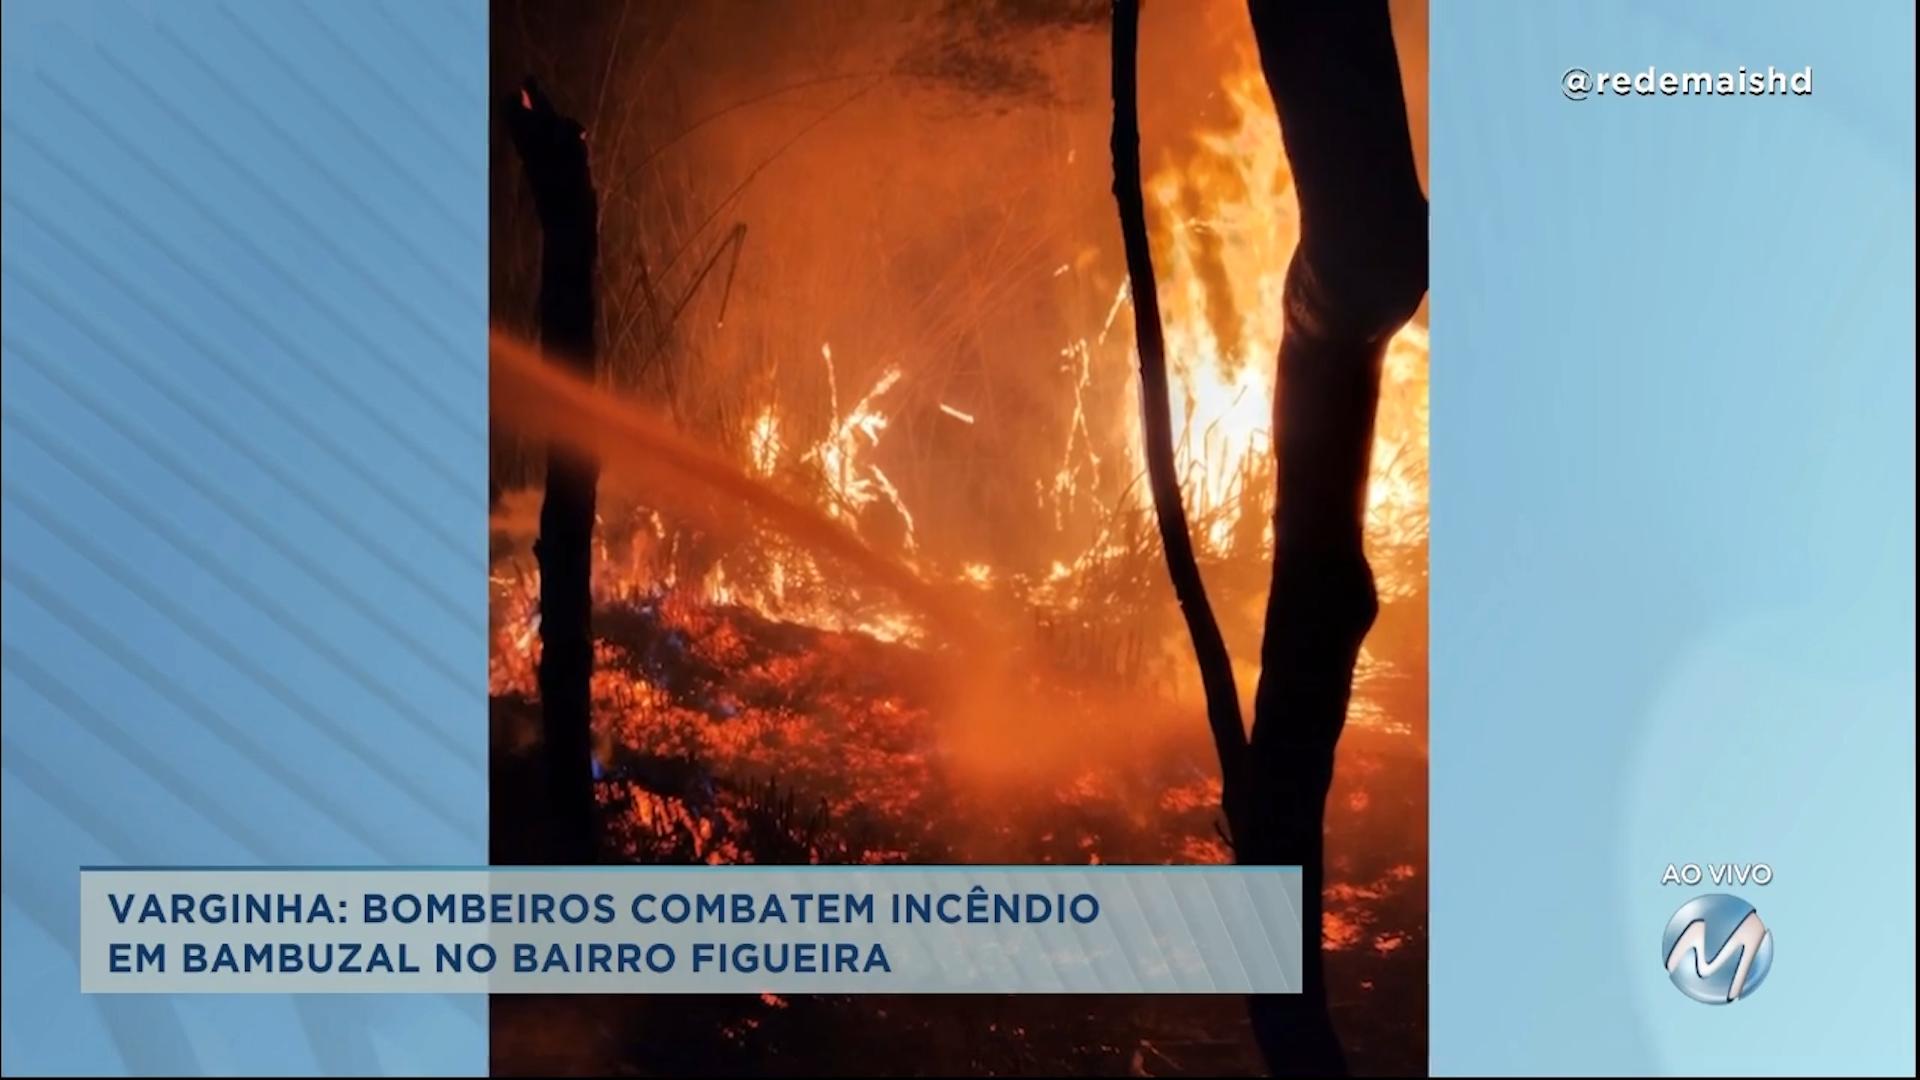 Varginha: bombeiros combatem incêndio em bambuzal no bairro Figueira